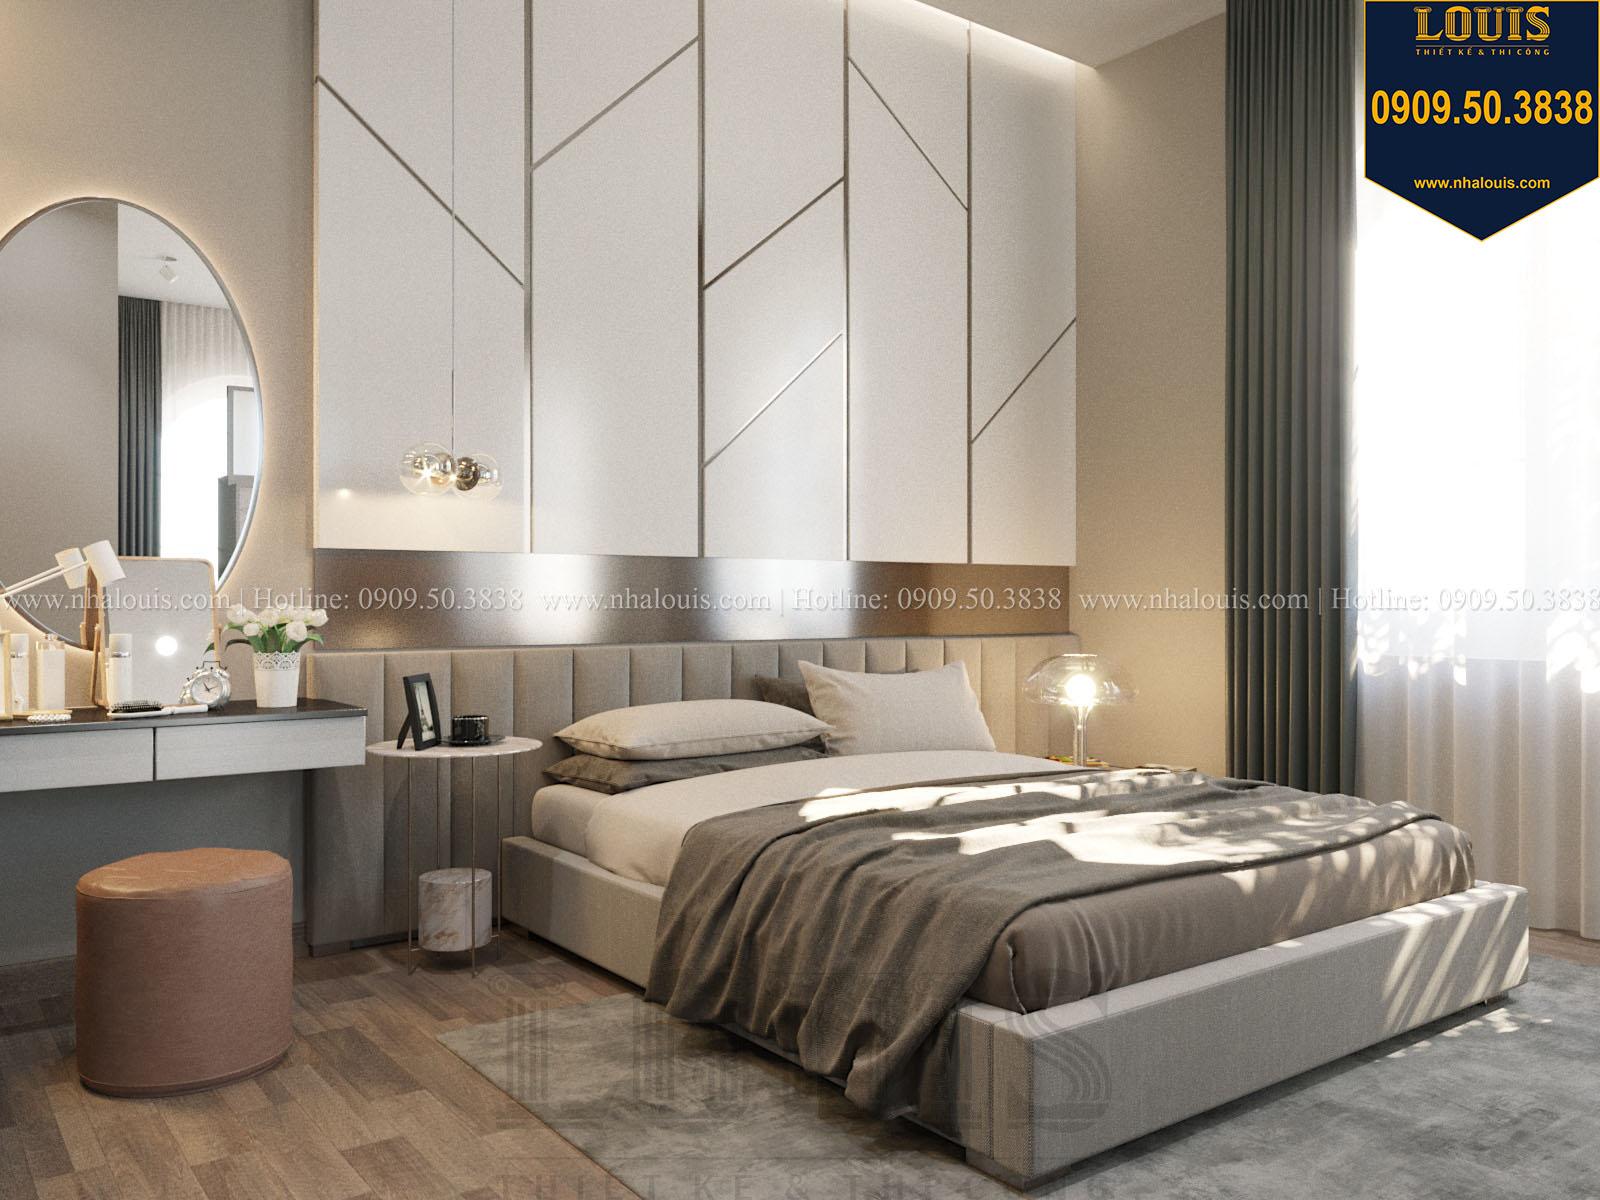 Phòng ngủ biệt thự 2 tầng đẹp - 037